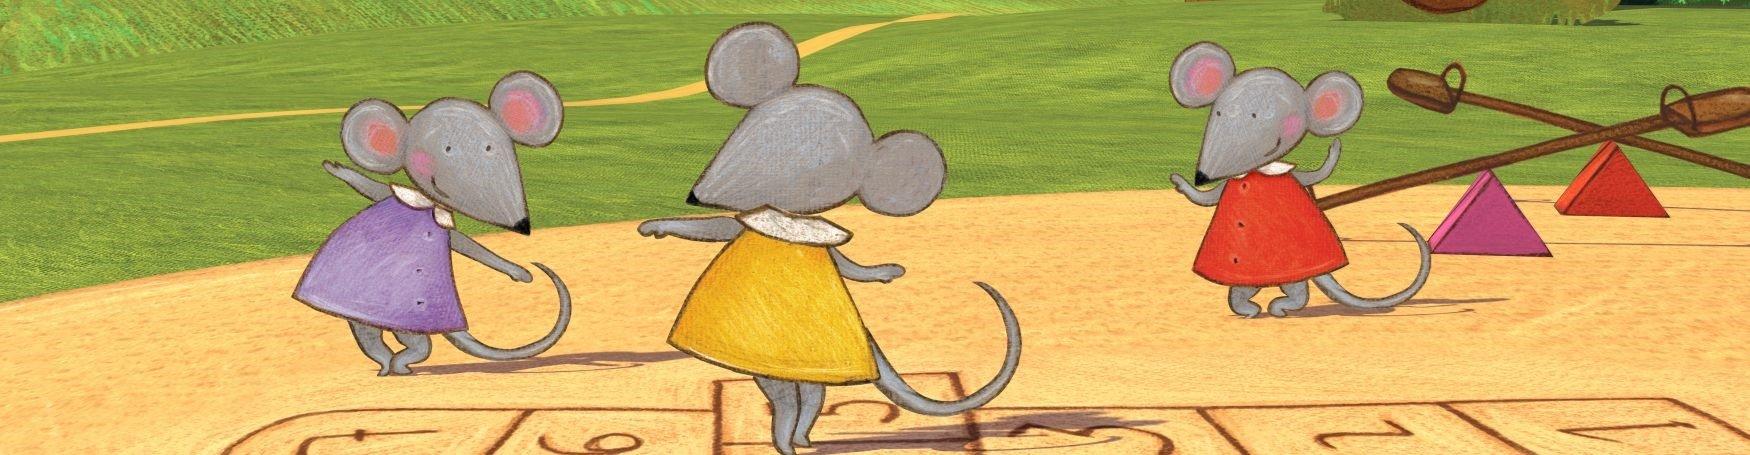 Zabawy W Małym Kinie Pokaz Animacji Dla Dzieci Atrakcje